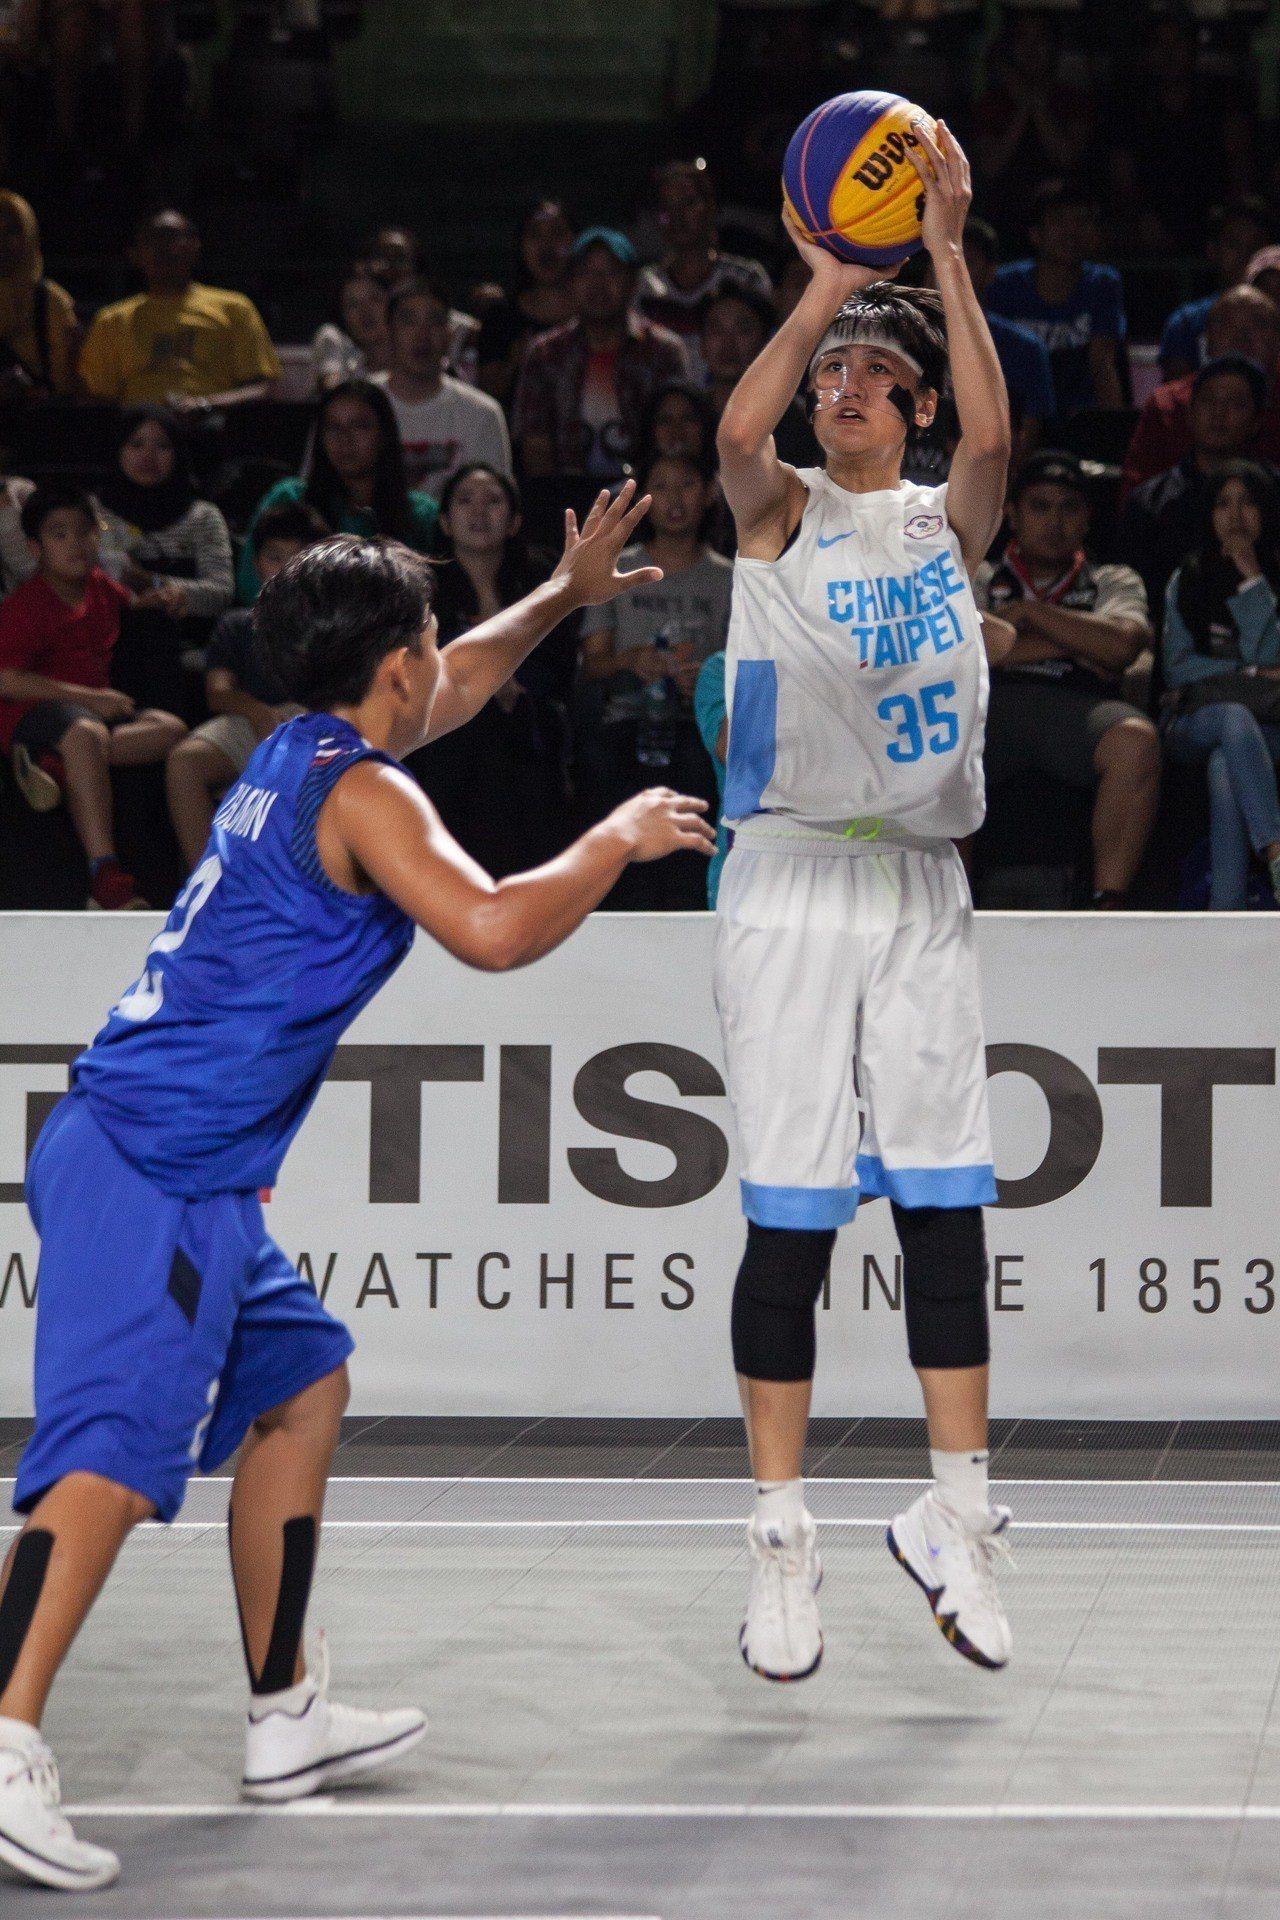 亞運三對三女籃,中華隊羅培甄(右)外線出手。 台體實習記者賴琦昀 / 雅加達攝影